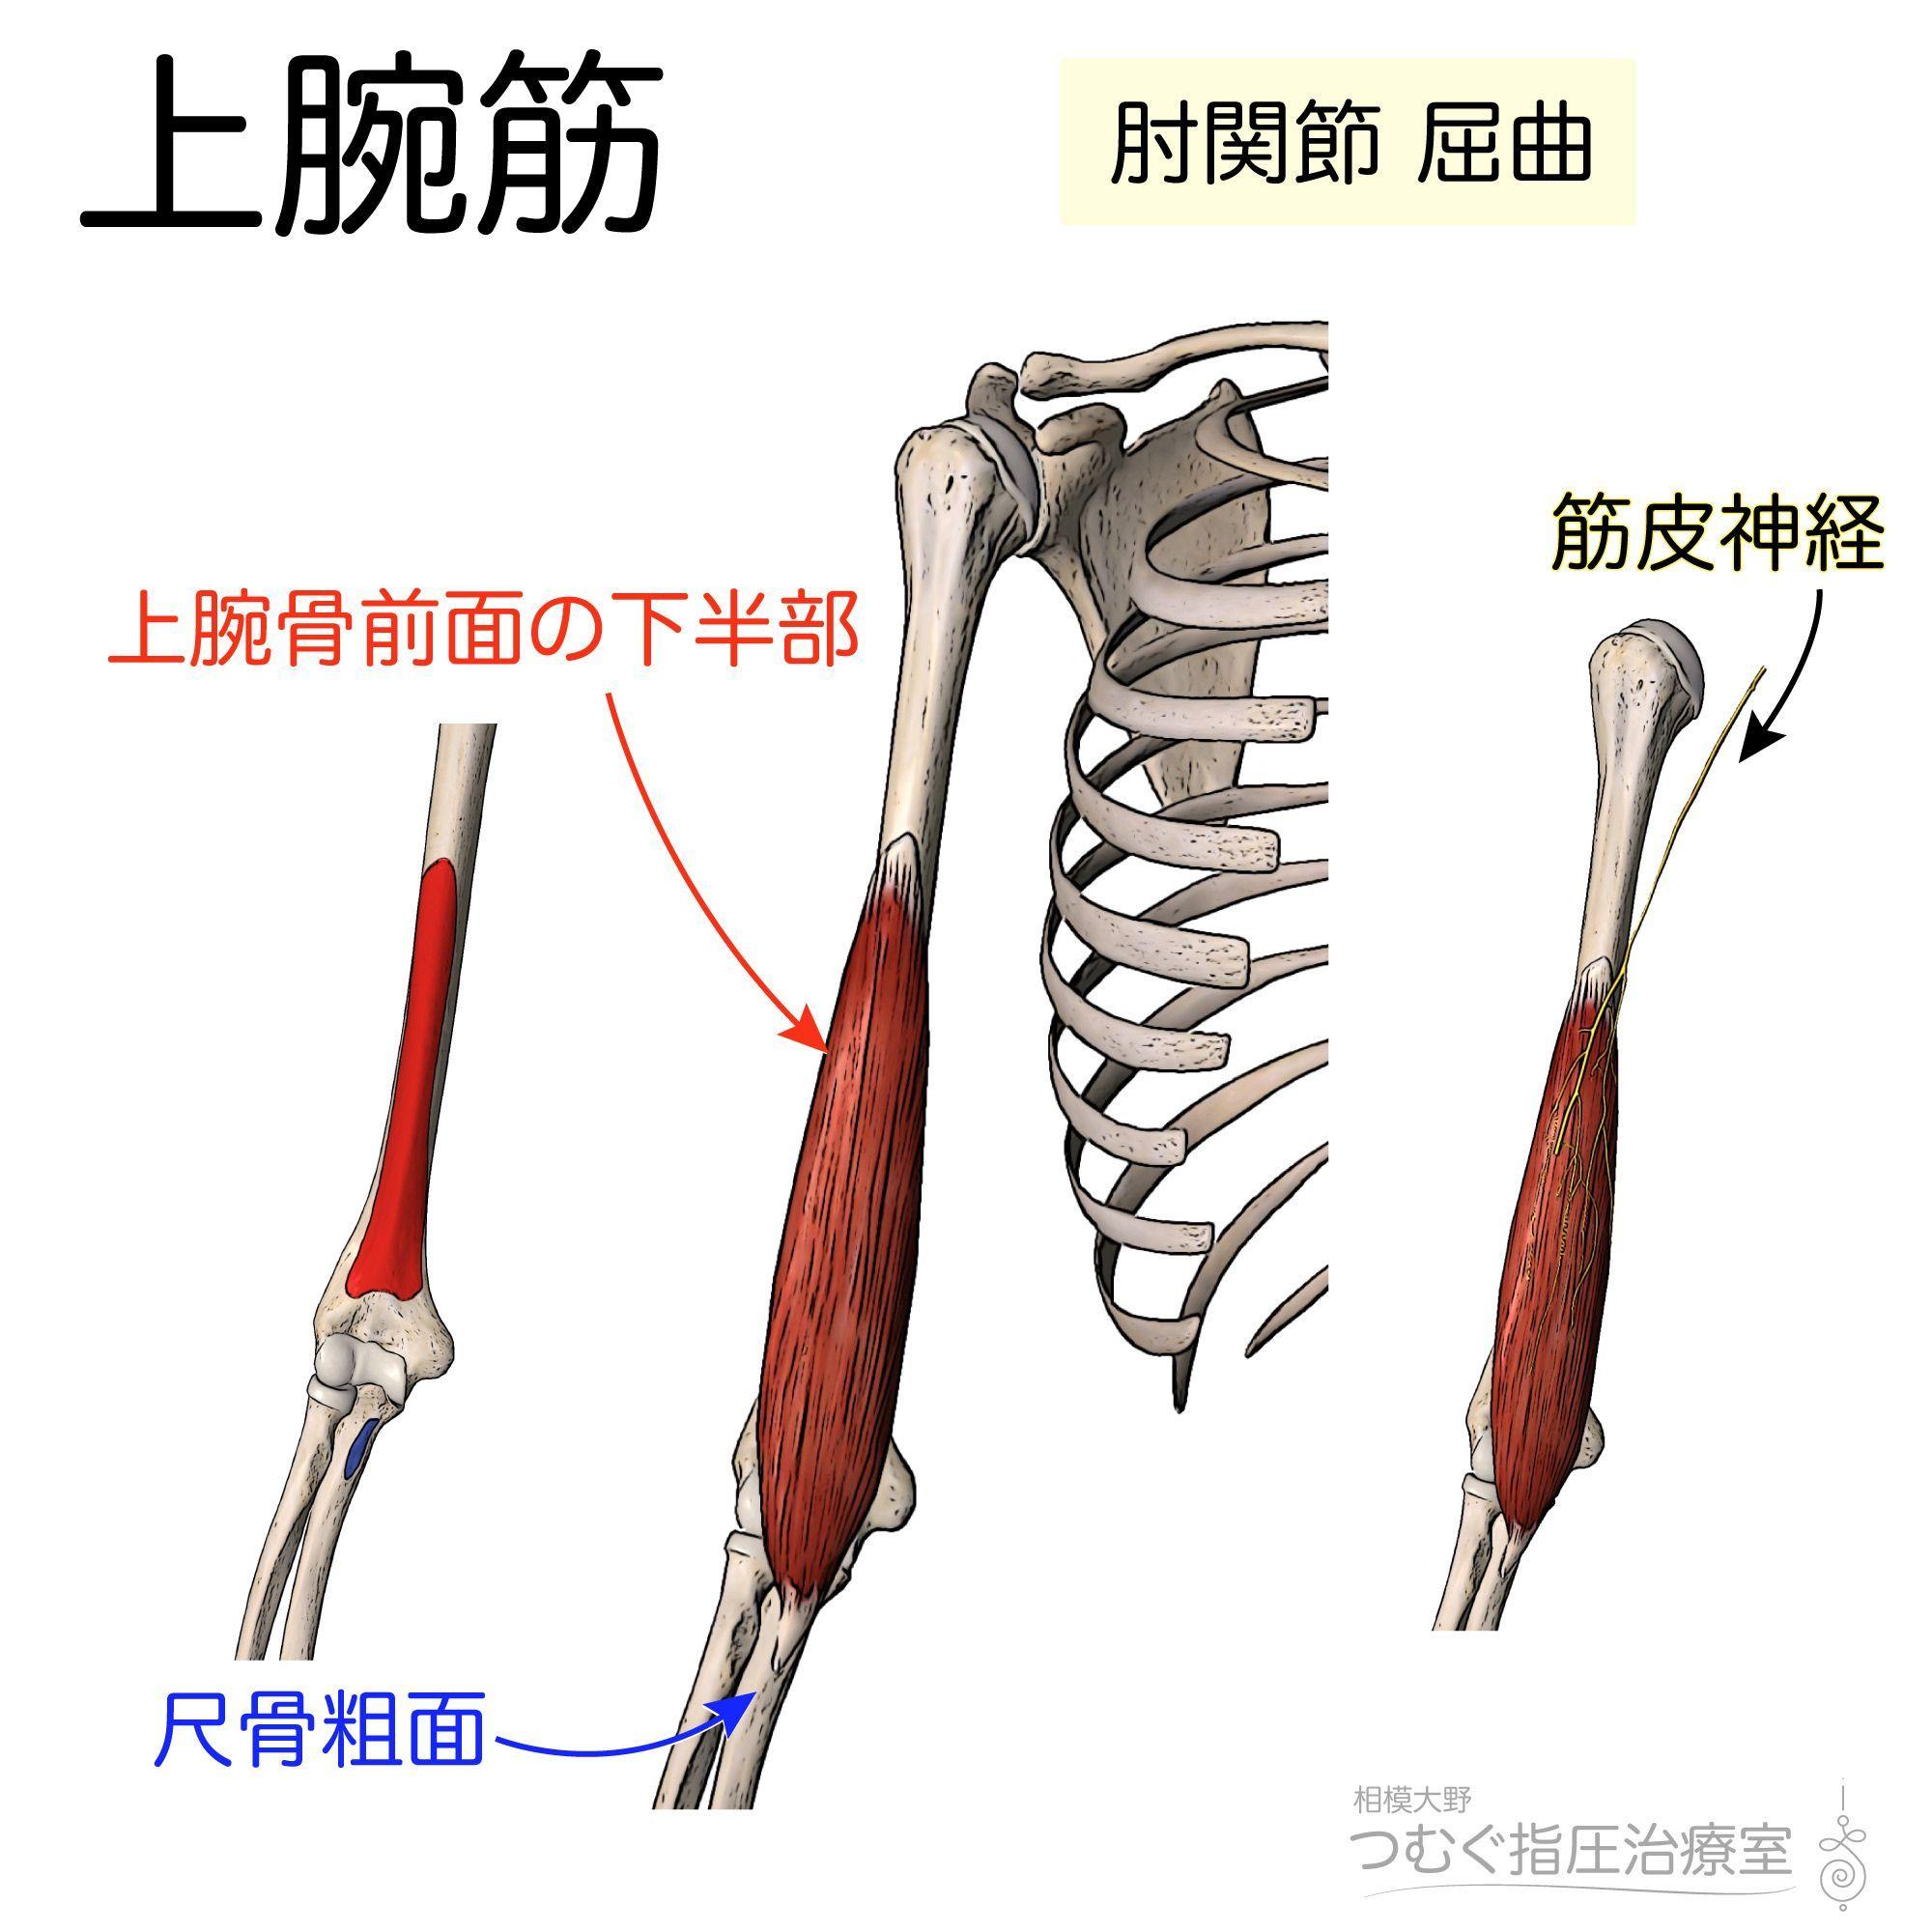 筋シリーズ】上腕筋 筋肉といれば力こぶ的な上腕二頭筋の下で地味に ...